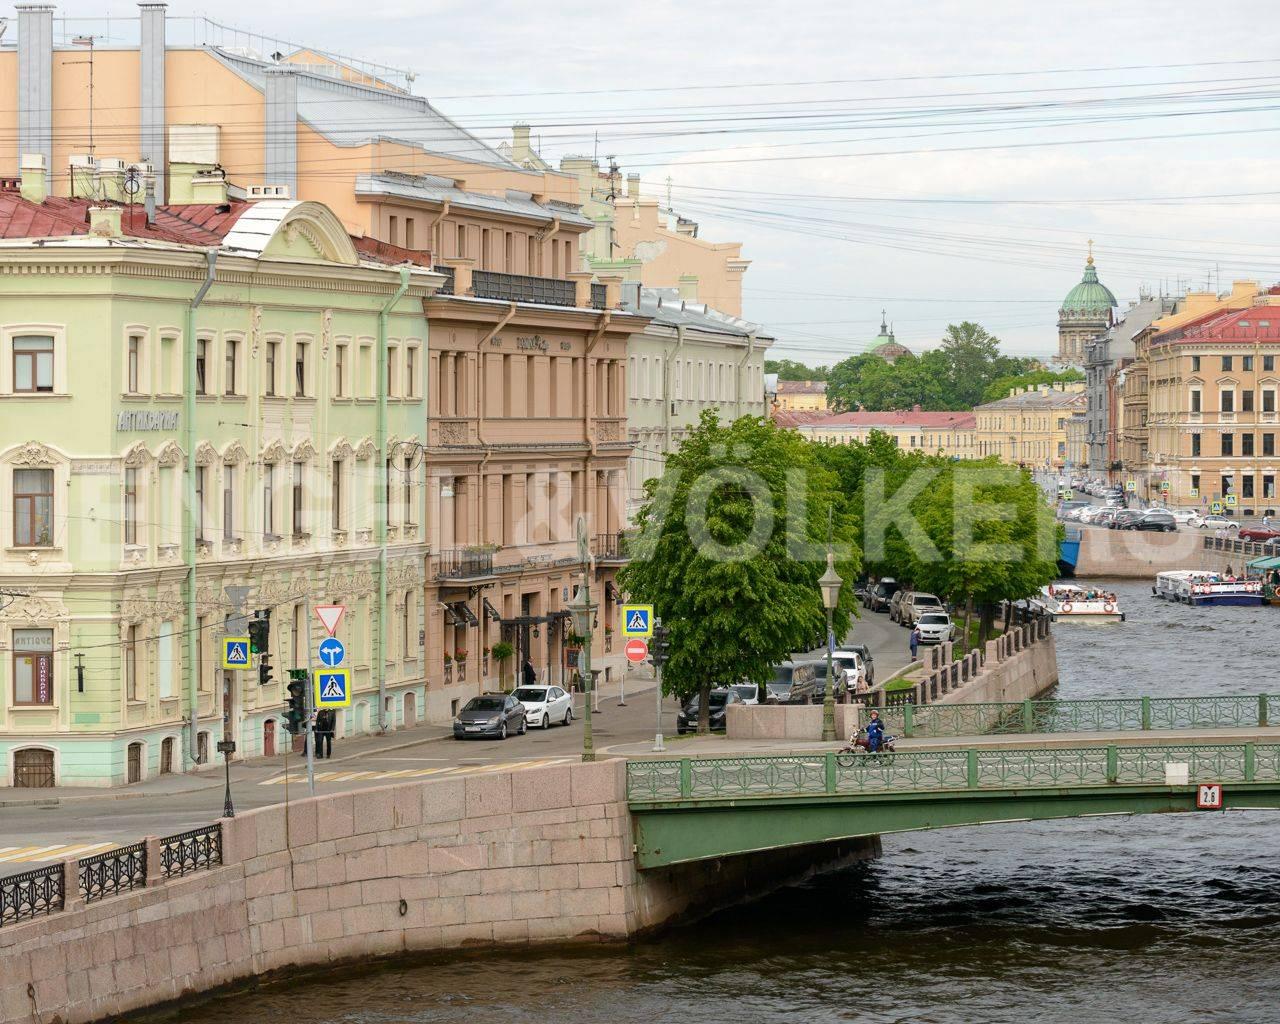 Элитные квартиры в Центральном районе. Санкт-Петербург, Наб. реки Мойки, 84. Вид из окон на набережную реки Мойки в сторону Фонарного моста